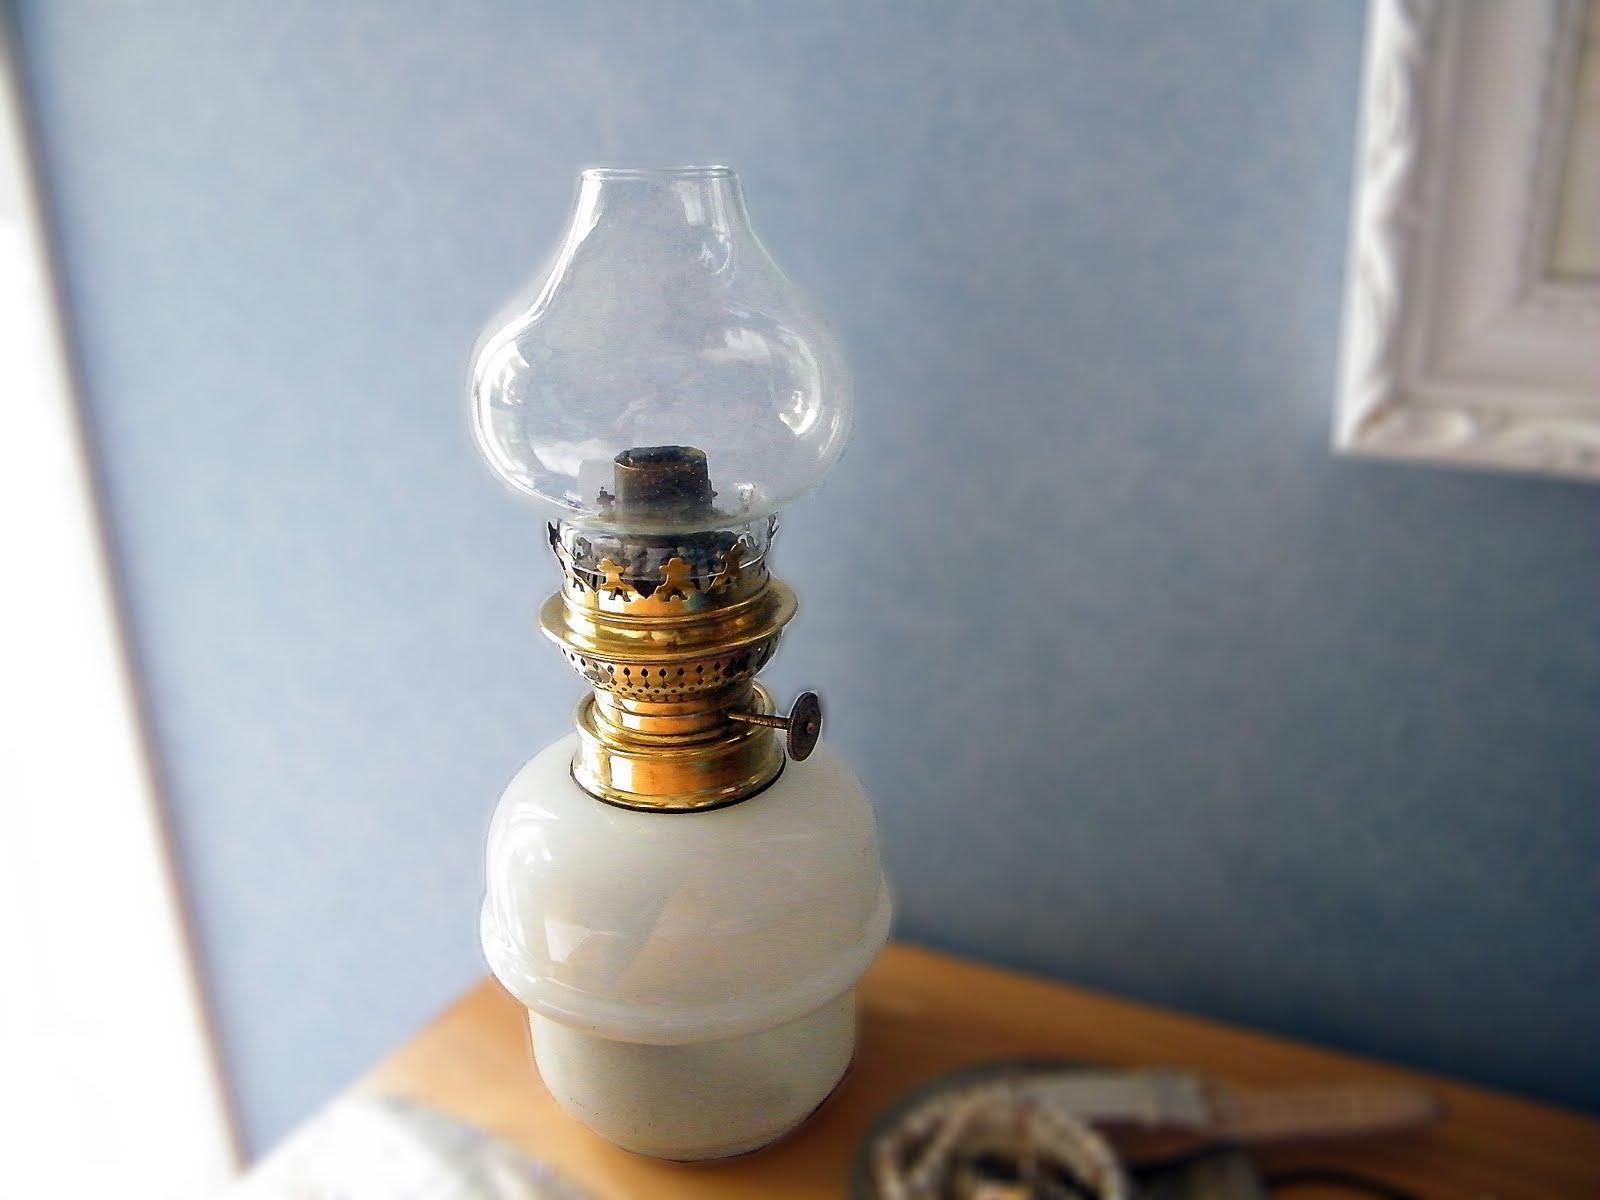 aiguilles malines restauration d 39 une lampe p trole. Black Bedroom Furniture Sets. Home Design Ideas